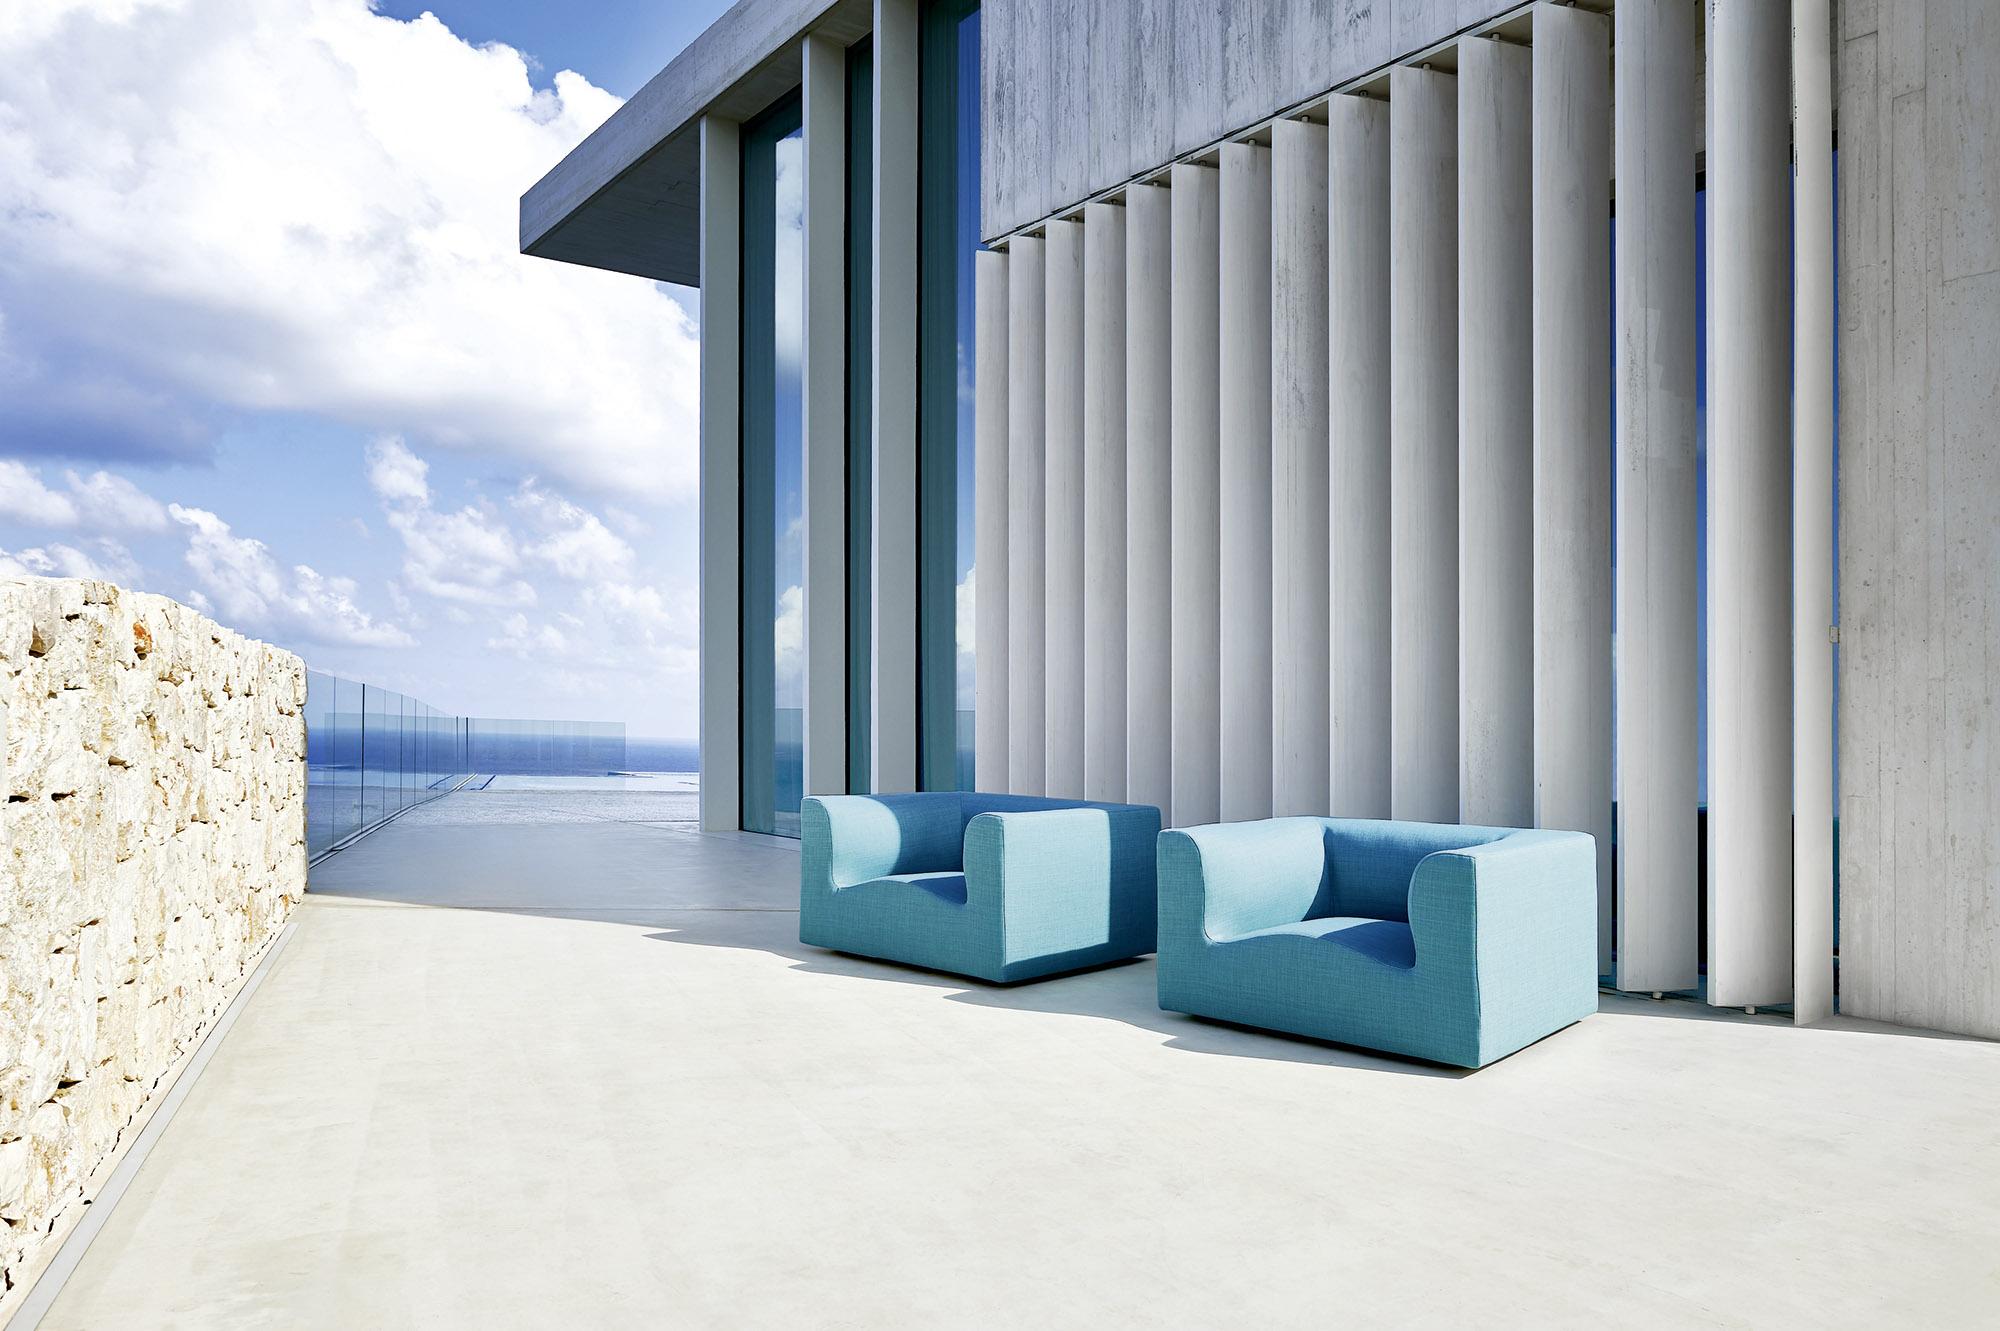 La poltrona impronta di joe colombo per l 39 outdoor design for Ambiente design